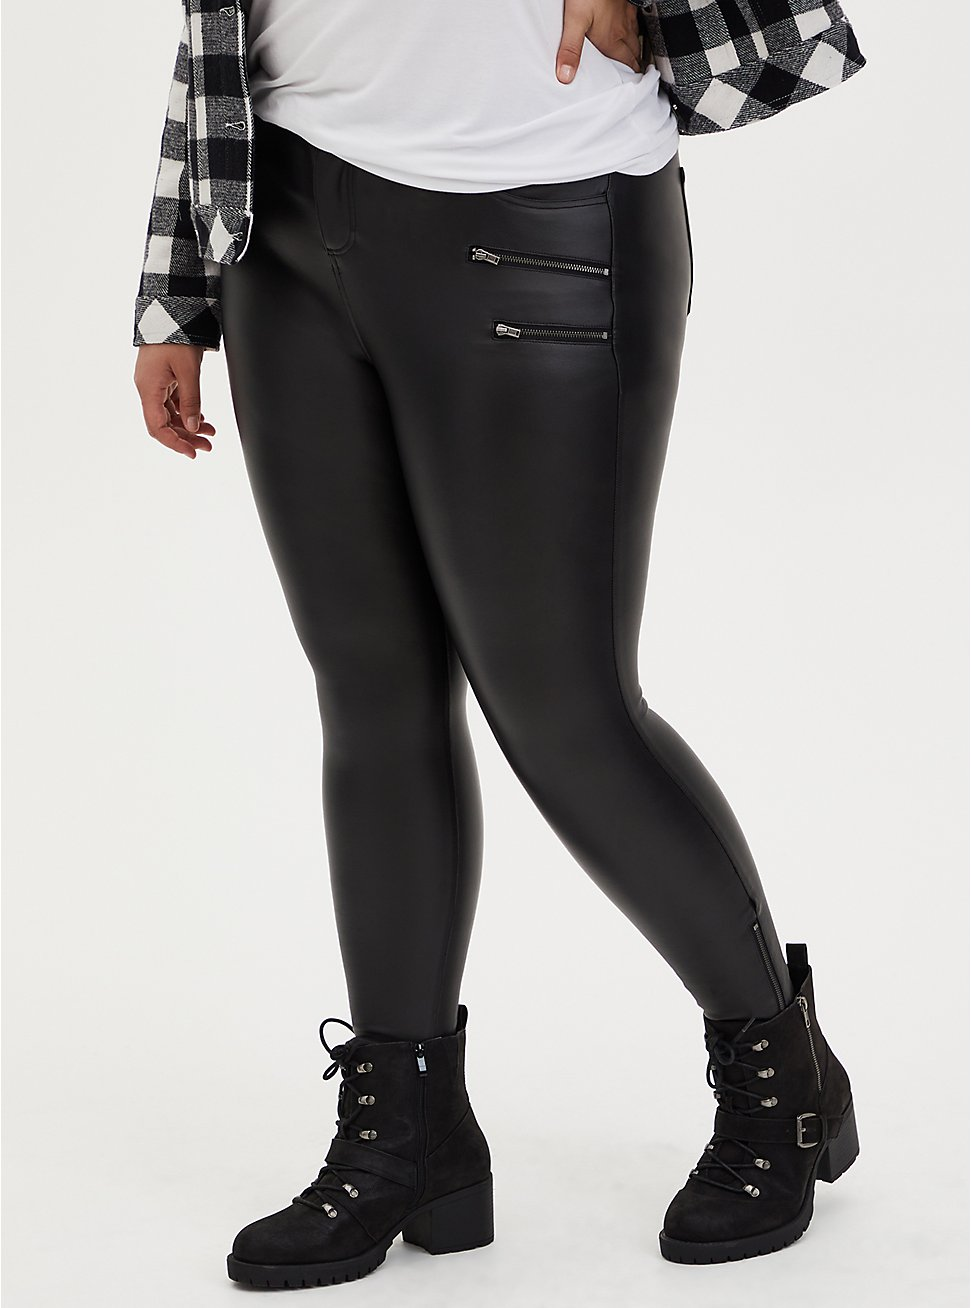 Black Coated Ponte Multi Zip Skinny Ankle Pant, DEEP BLACK, hi-res